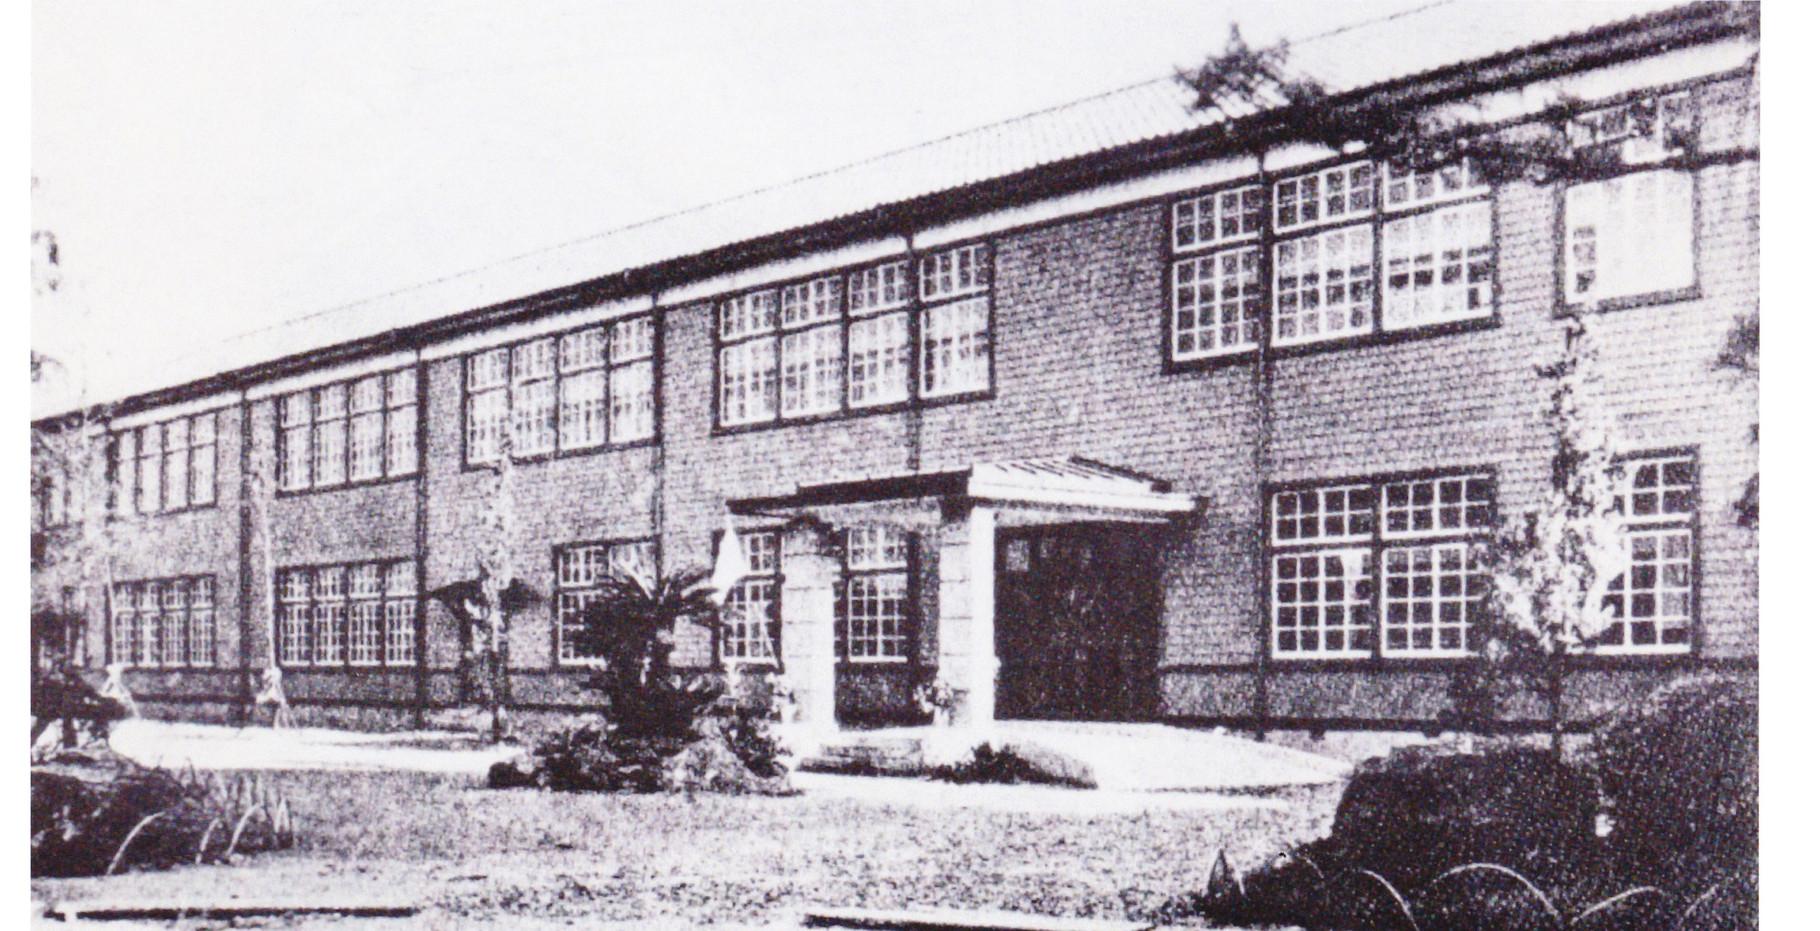 焼失前の校舎(玄関と管理棟)・・・・・昭和26年頃